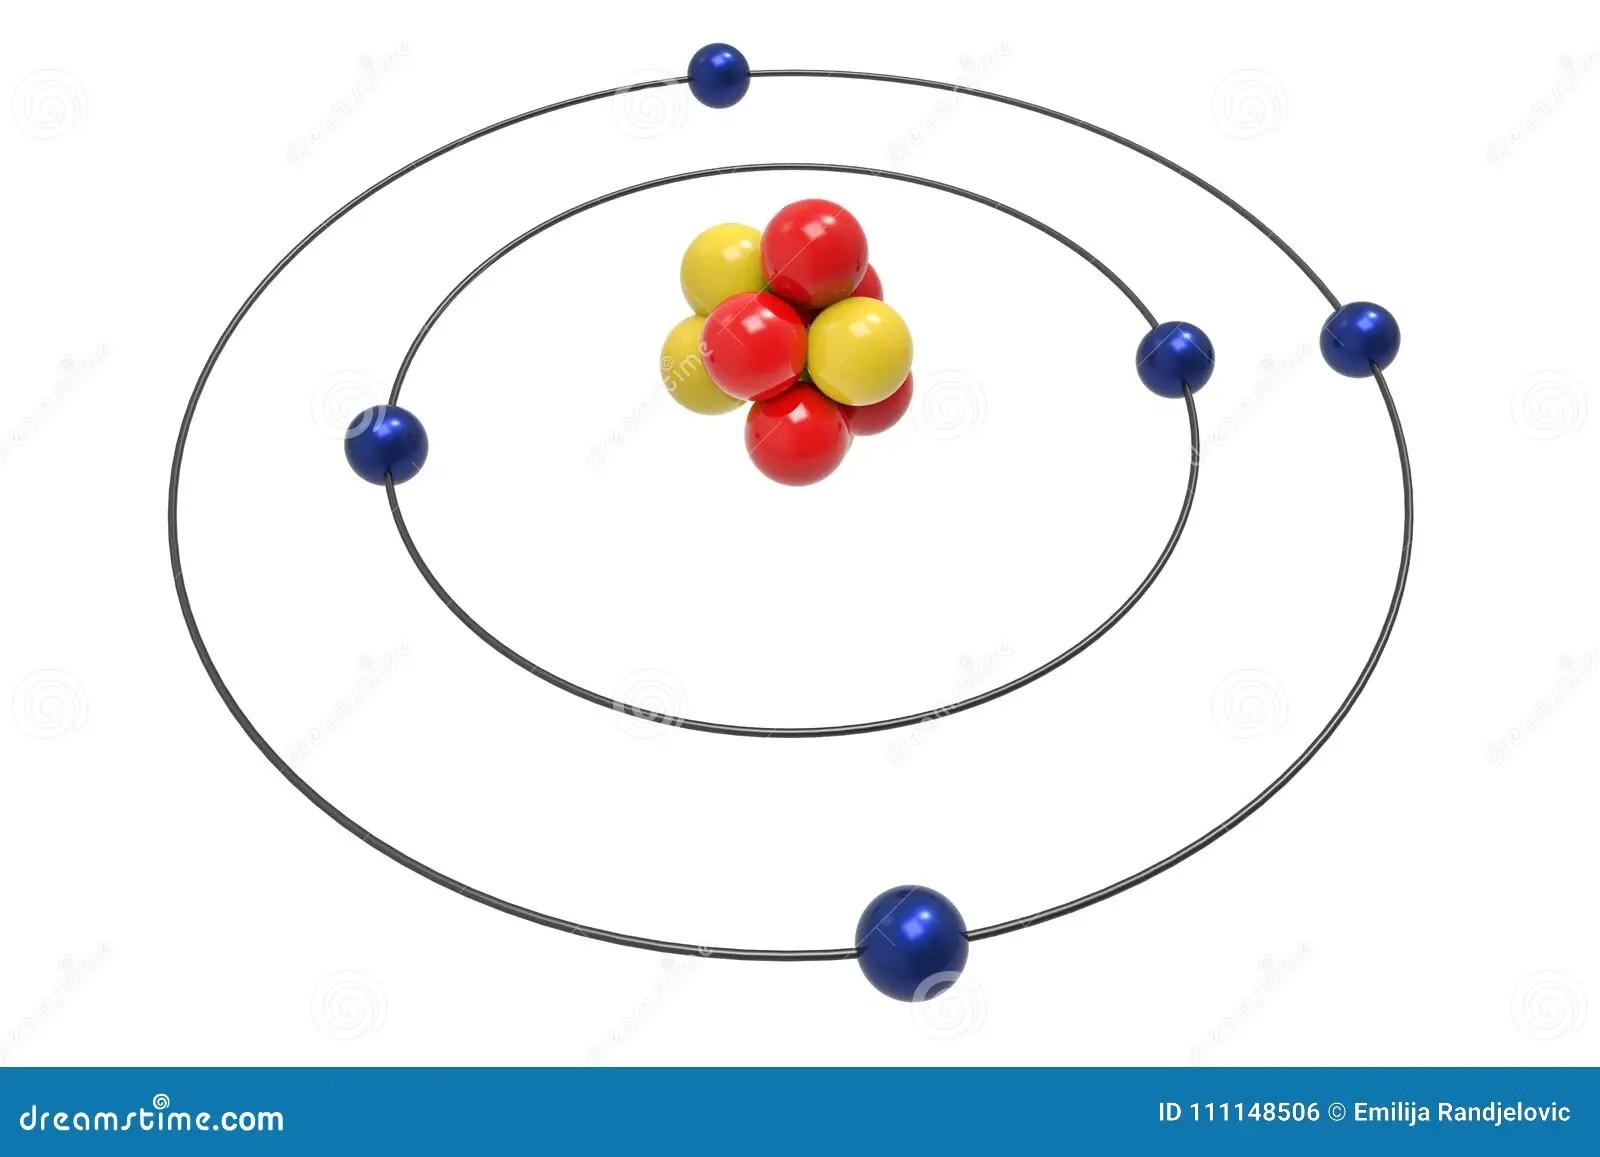 Bohr Modell Des Bor Atoms Mit Proton Neutron Und Elektron Stock Abbildung